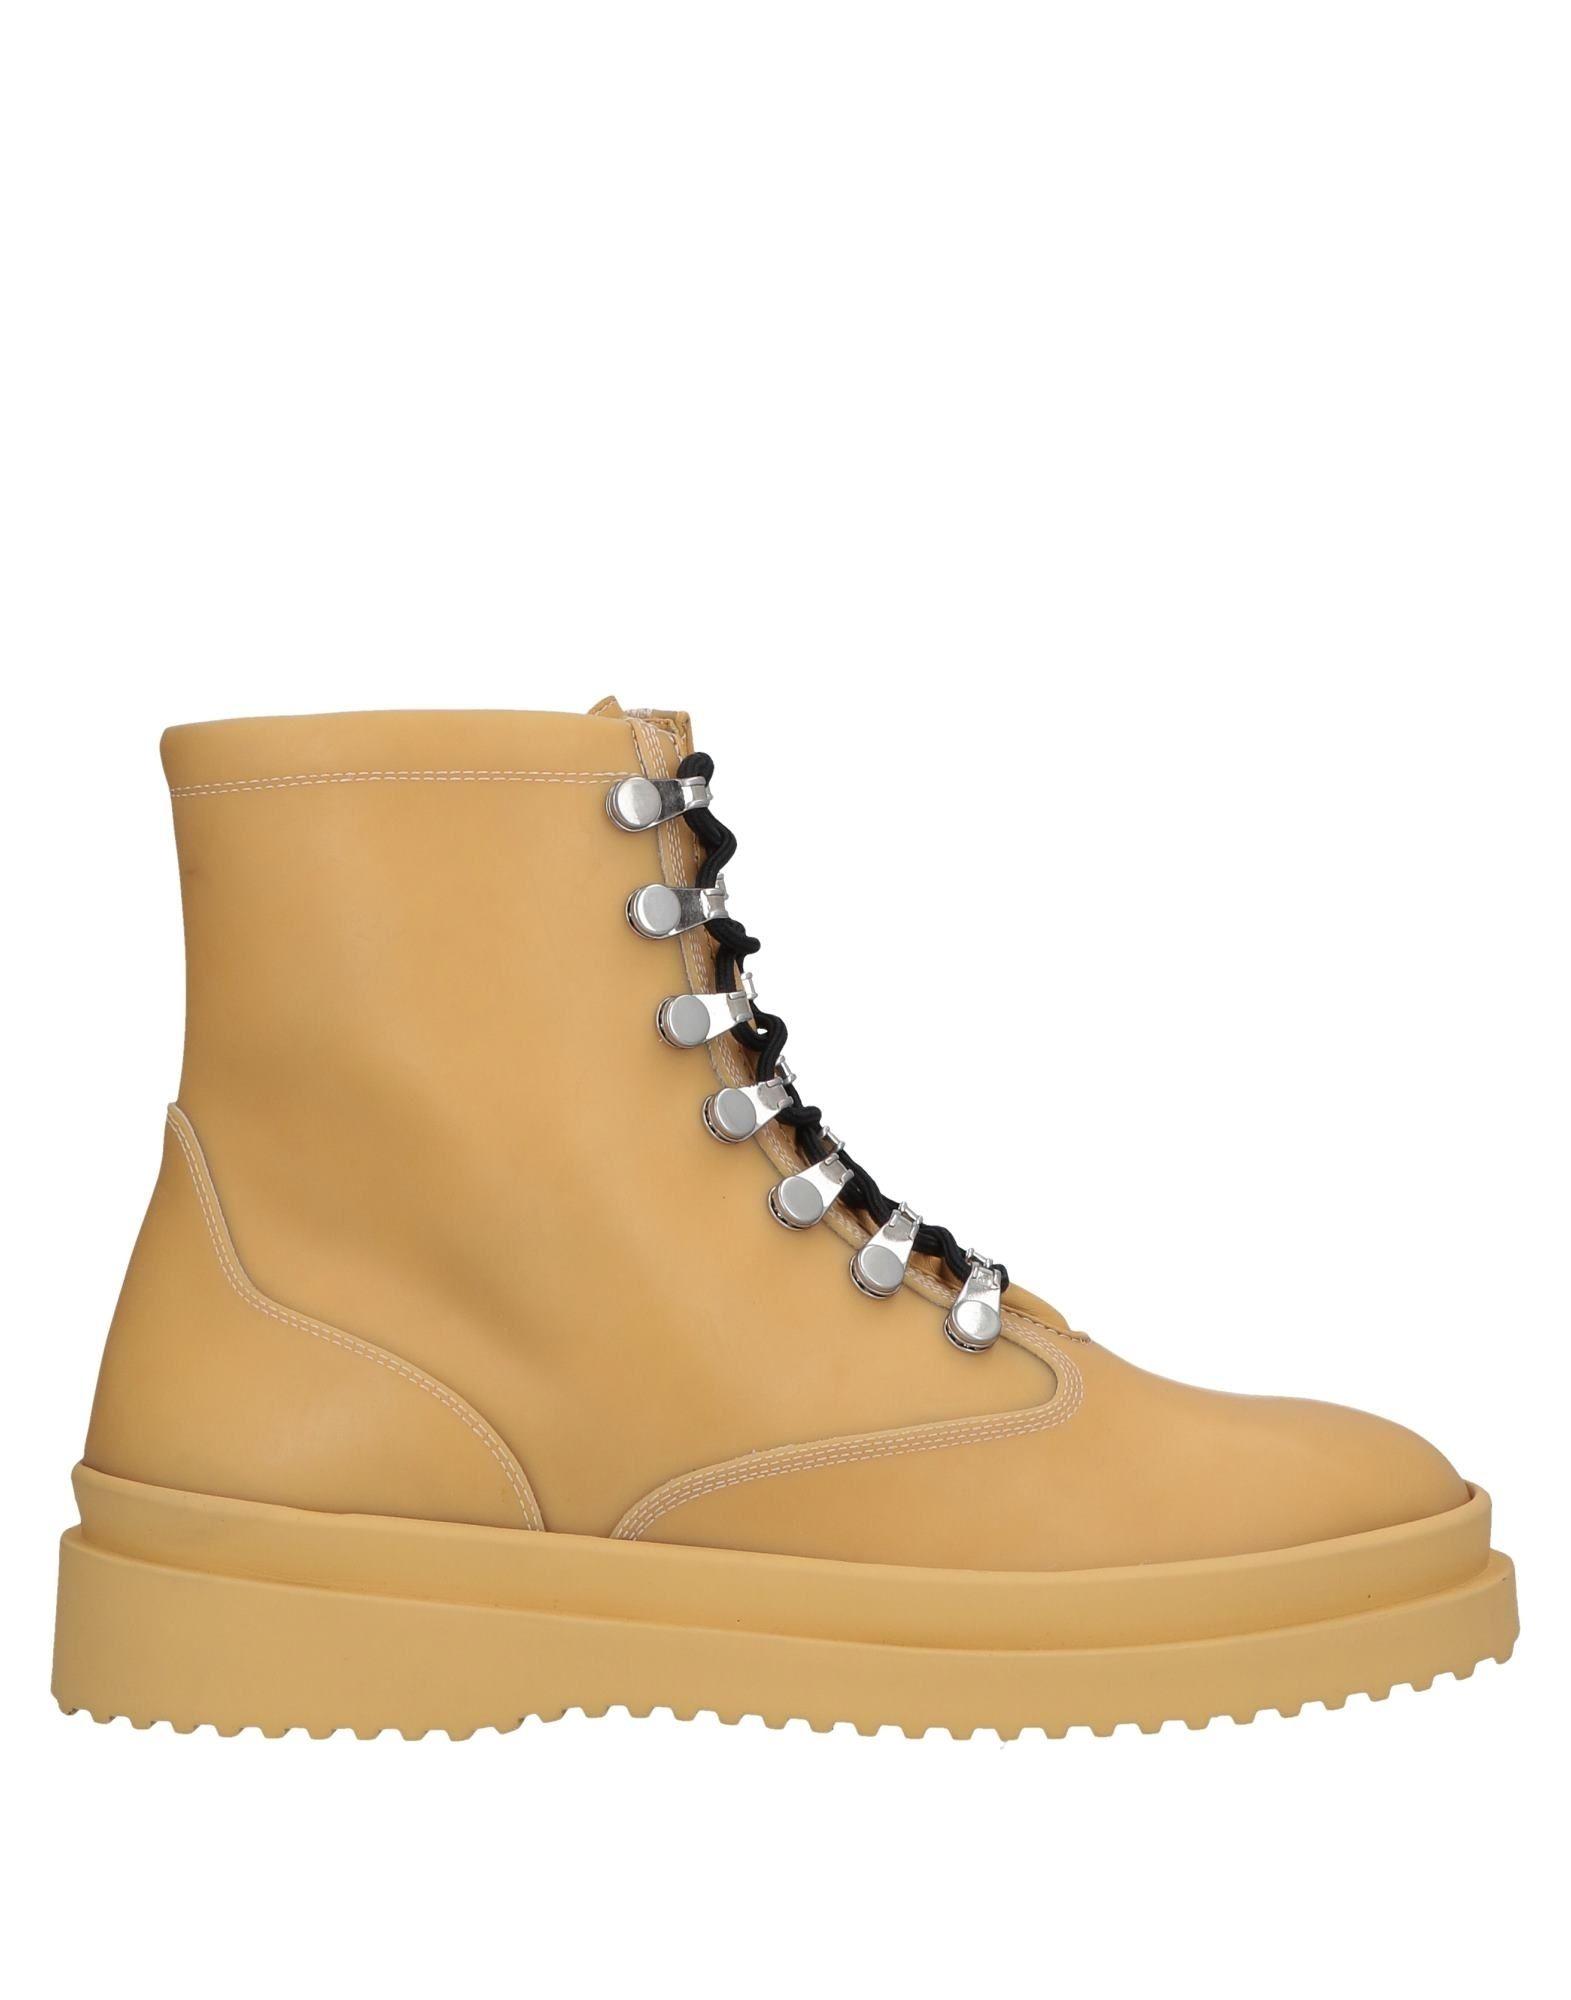 OAMC Полусапоги и высокие ботинки ботинки лыжные nn75 spine nordik размер 41